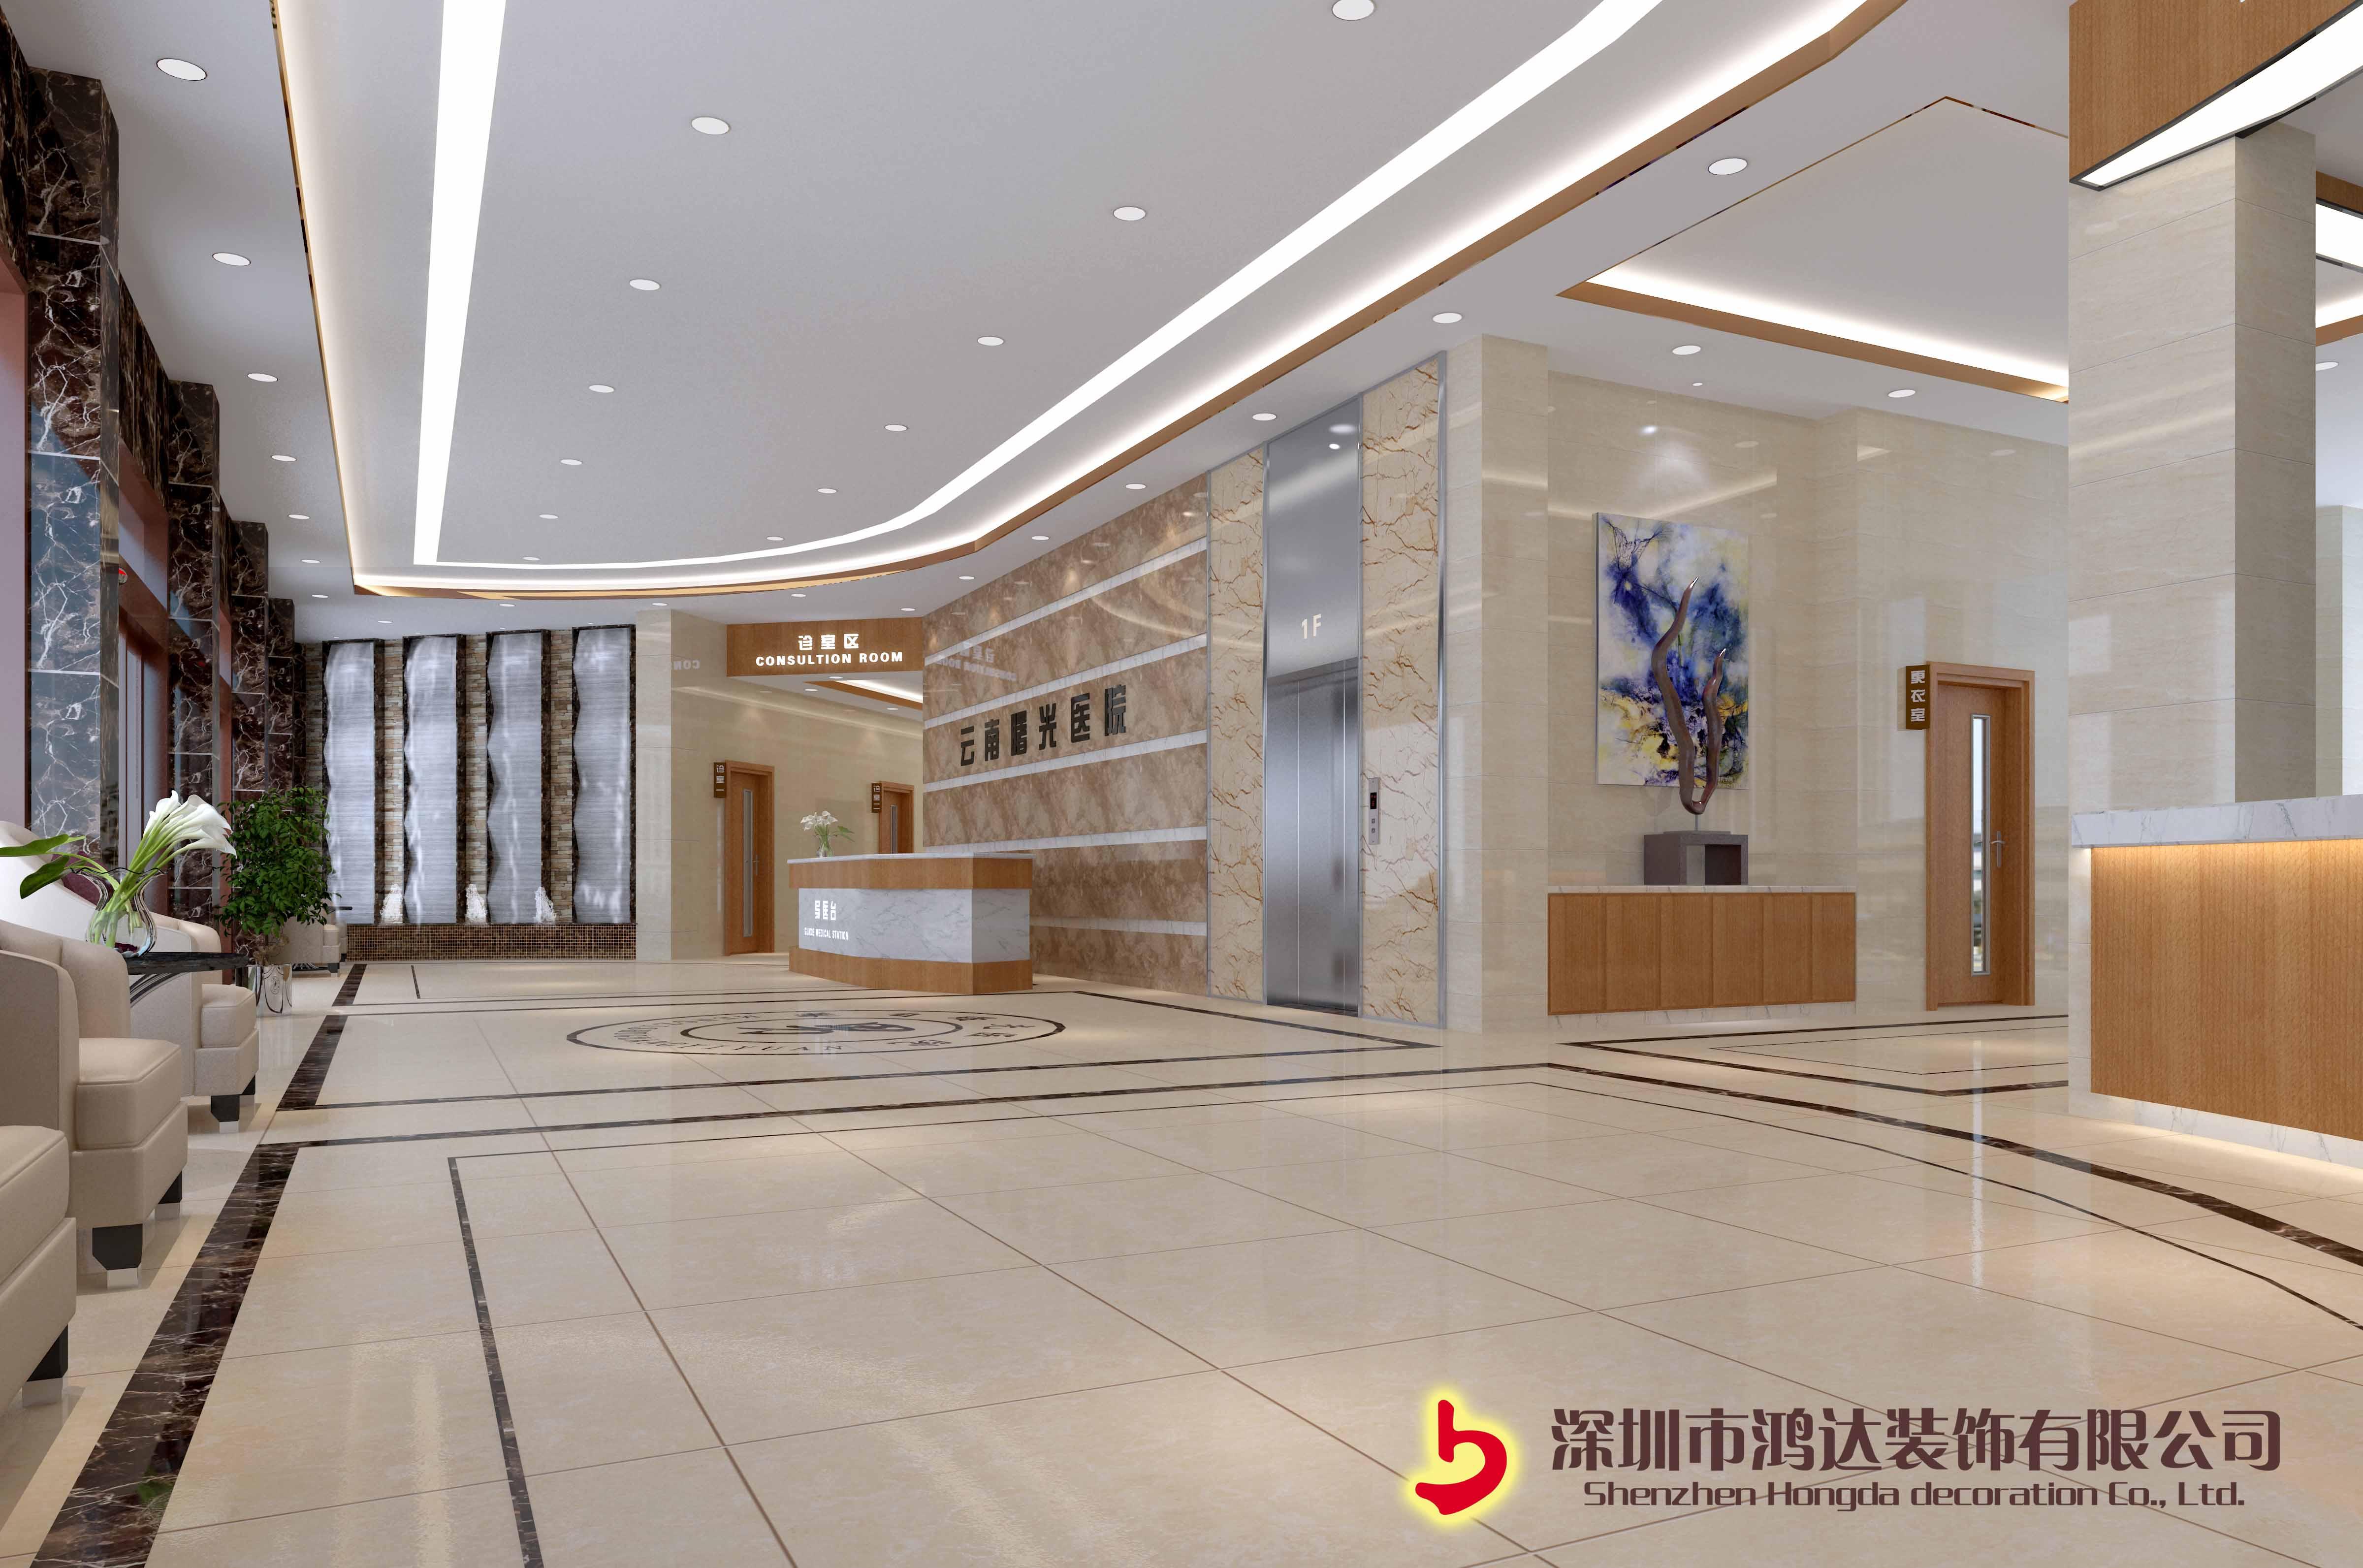 医院装修|医院设计|深圳医院装修|综合医院装修|门诊